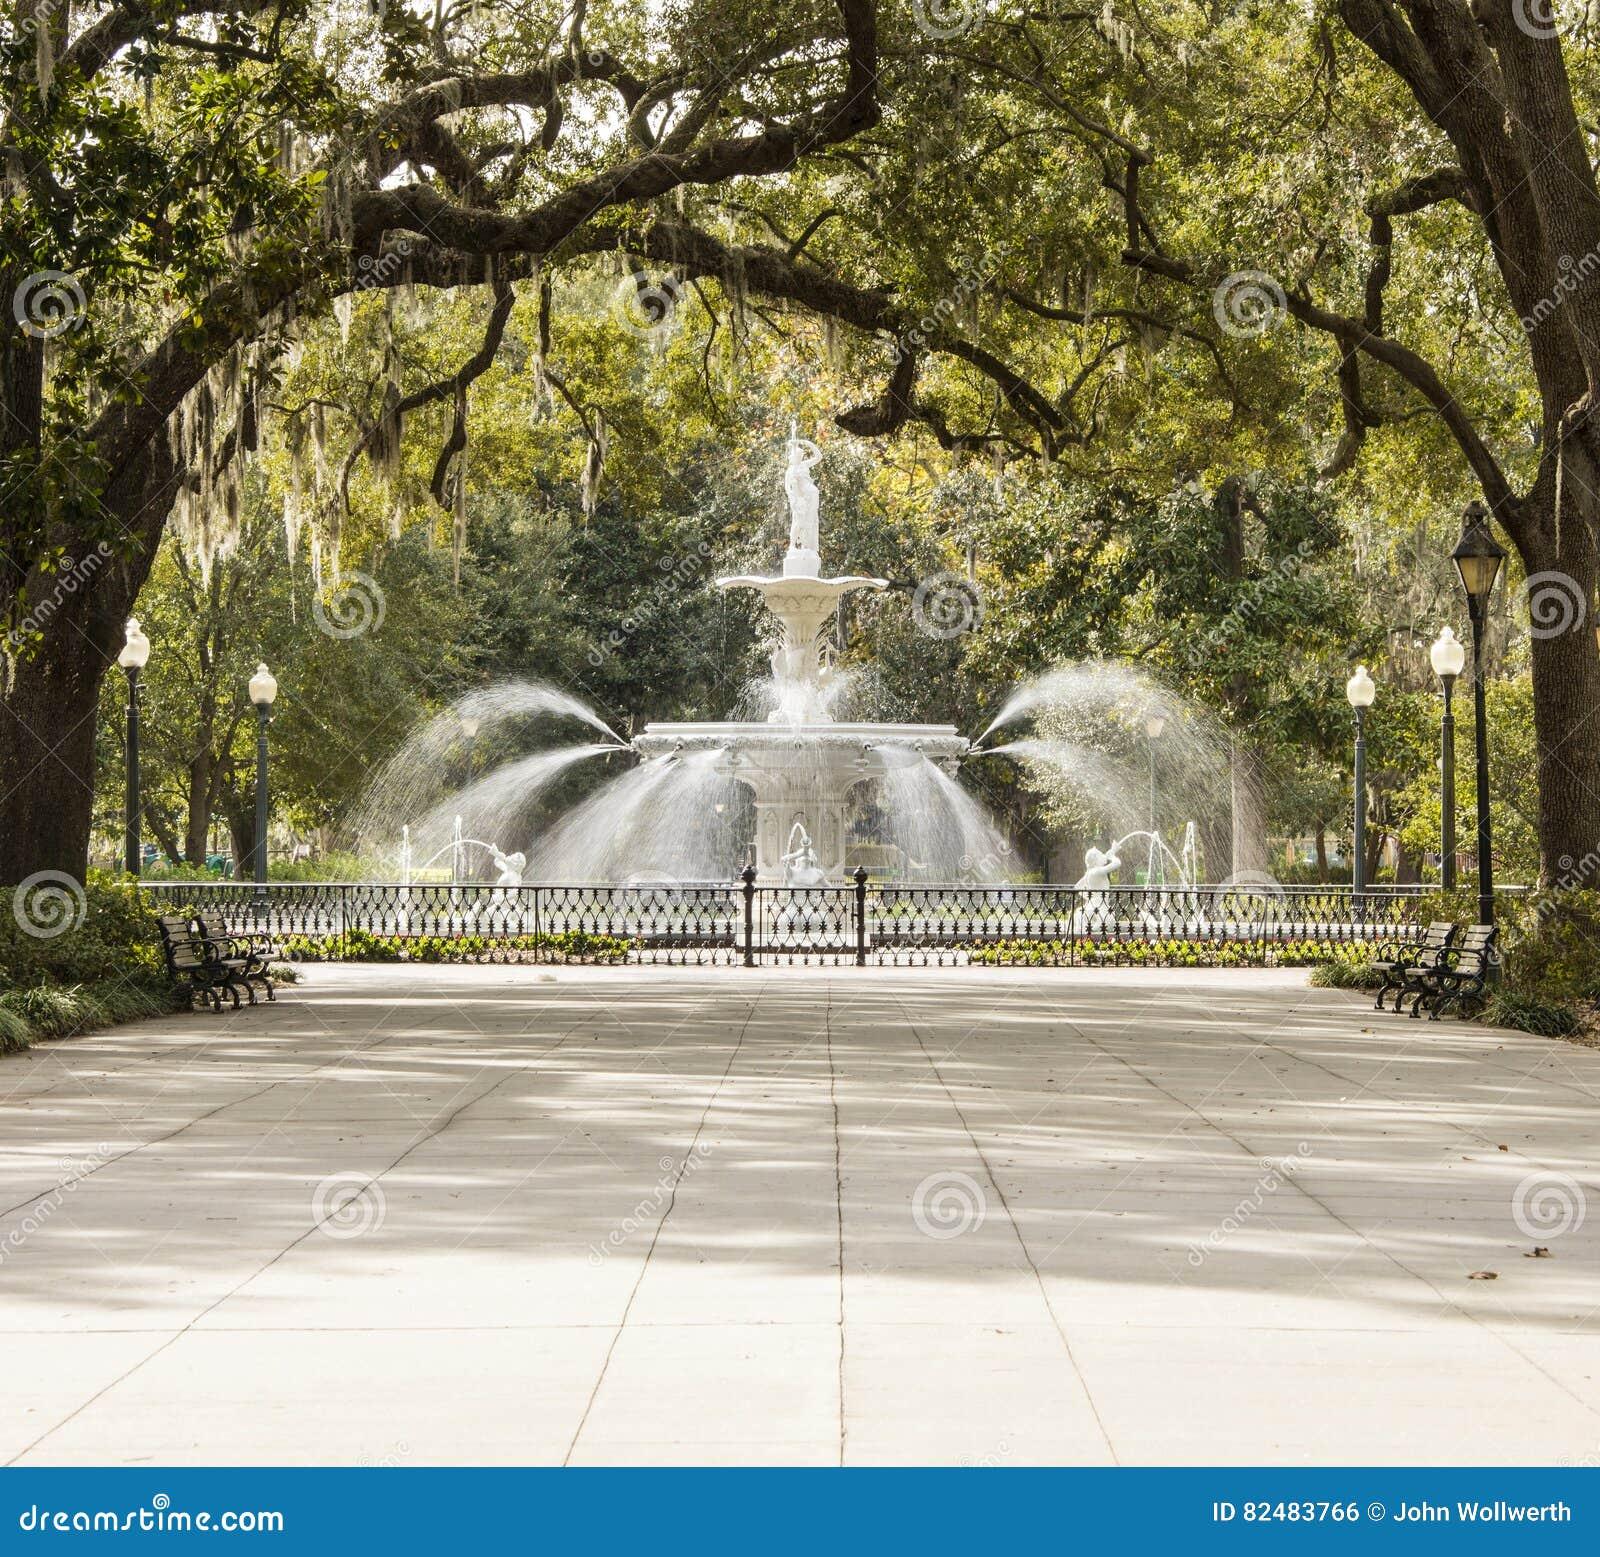 Park in Savannah, Georgia